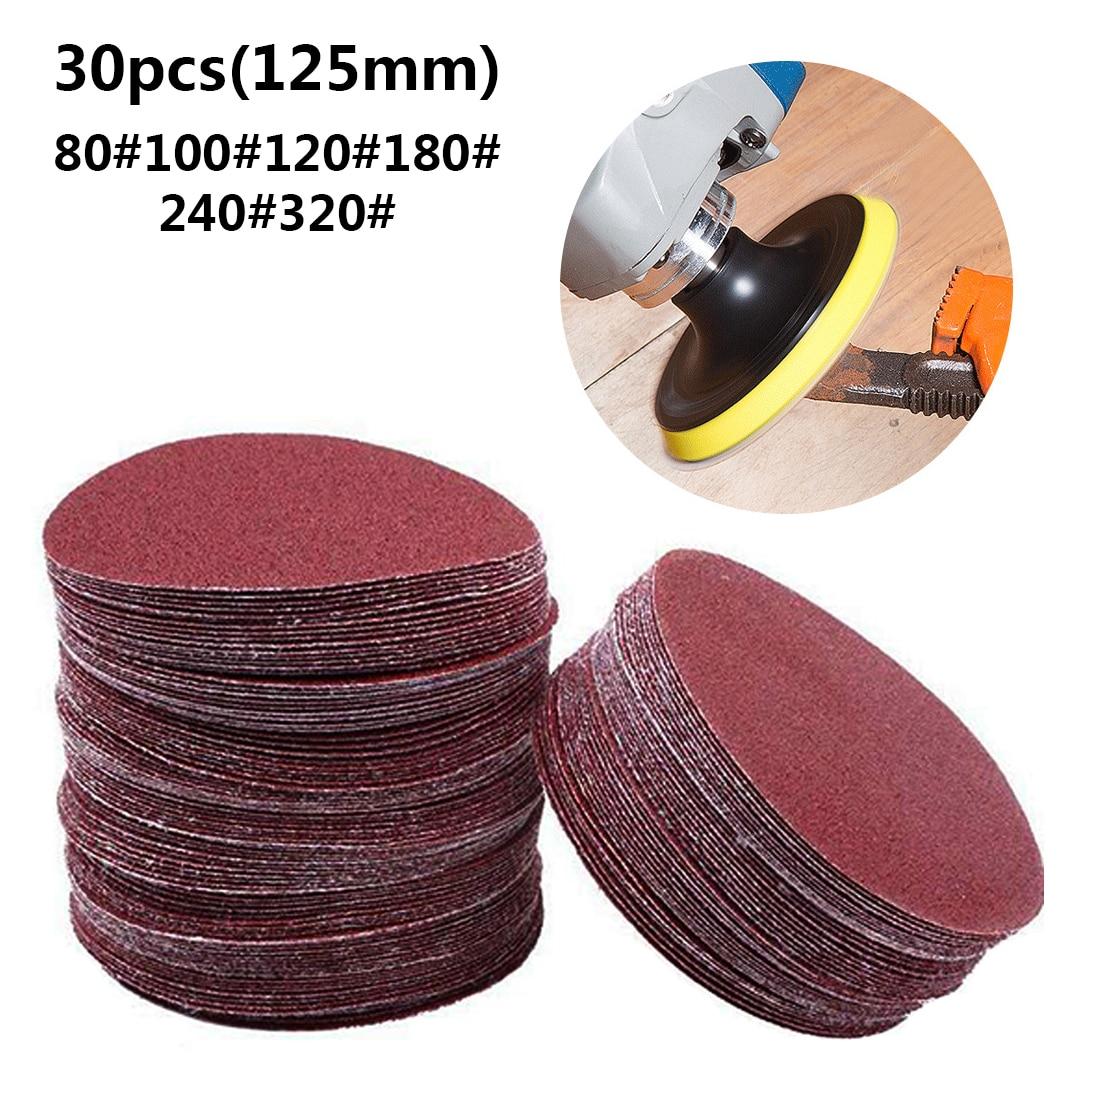 5inch 125mm 30pcs/set Round Sandpaper Disk Sand Sheets Grit 80/100/120/180/240/320 Hook And Loop Sanding Disc For Sander Grits